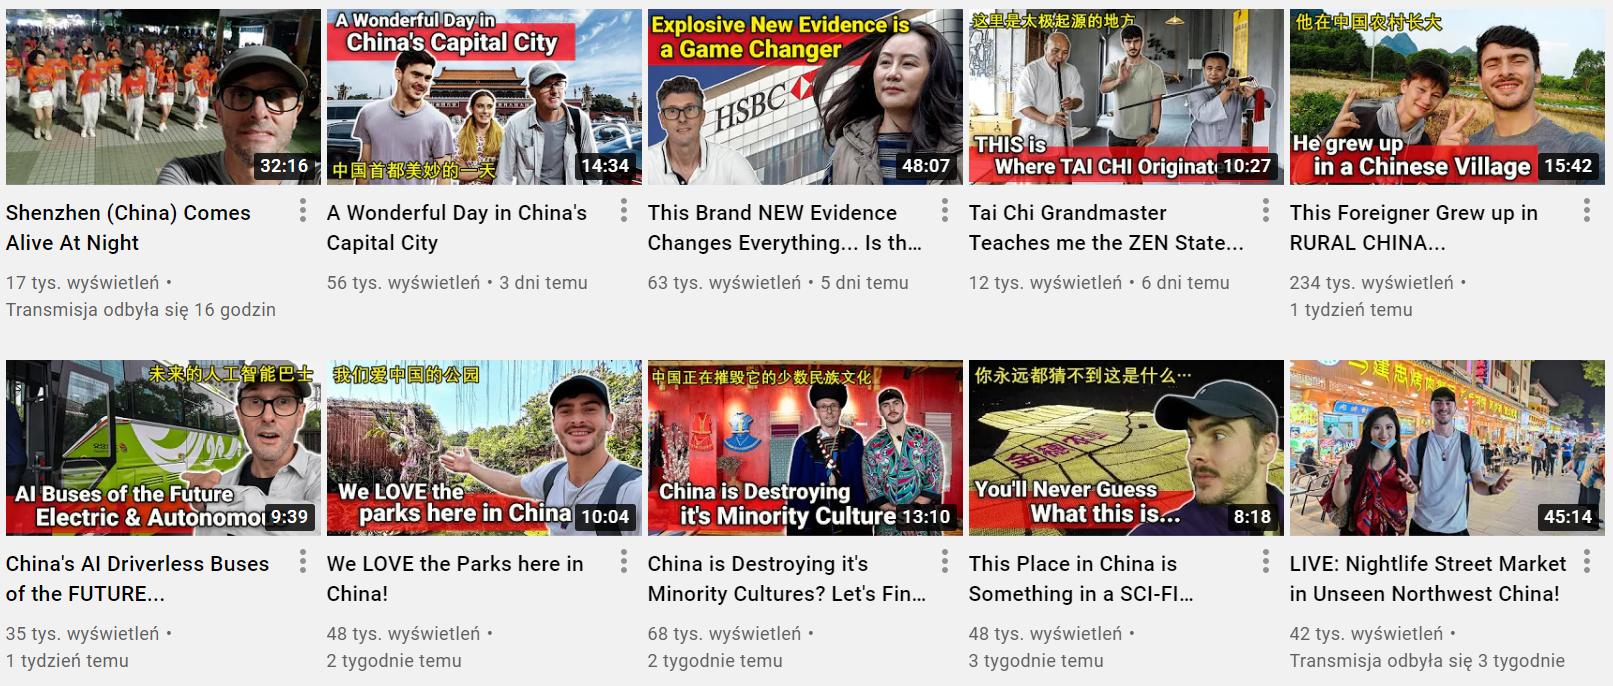 Filmy zamieszczane na profilu Lee i Oliego Barrettów w serwisie YouTube